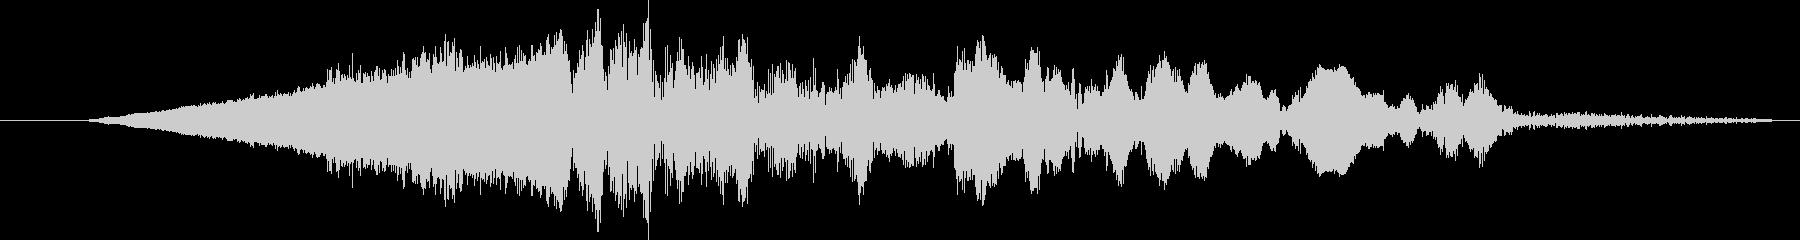 ローエリーランブルスローフェードインの未再生の波形